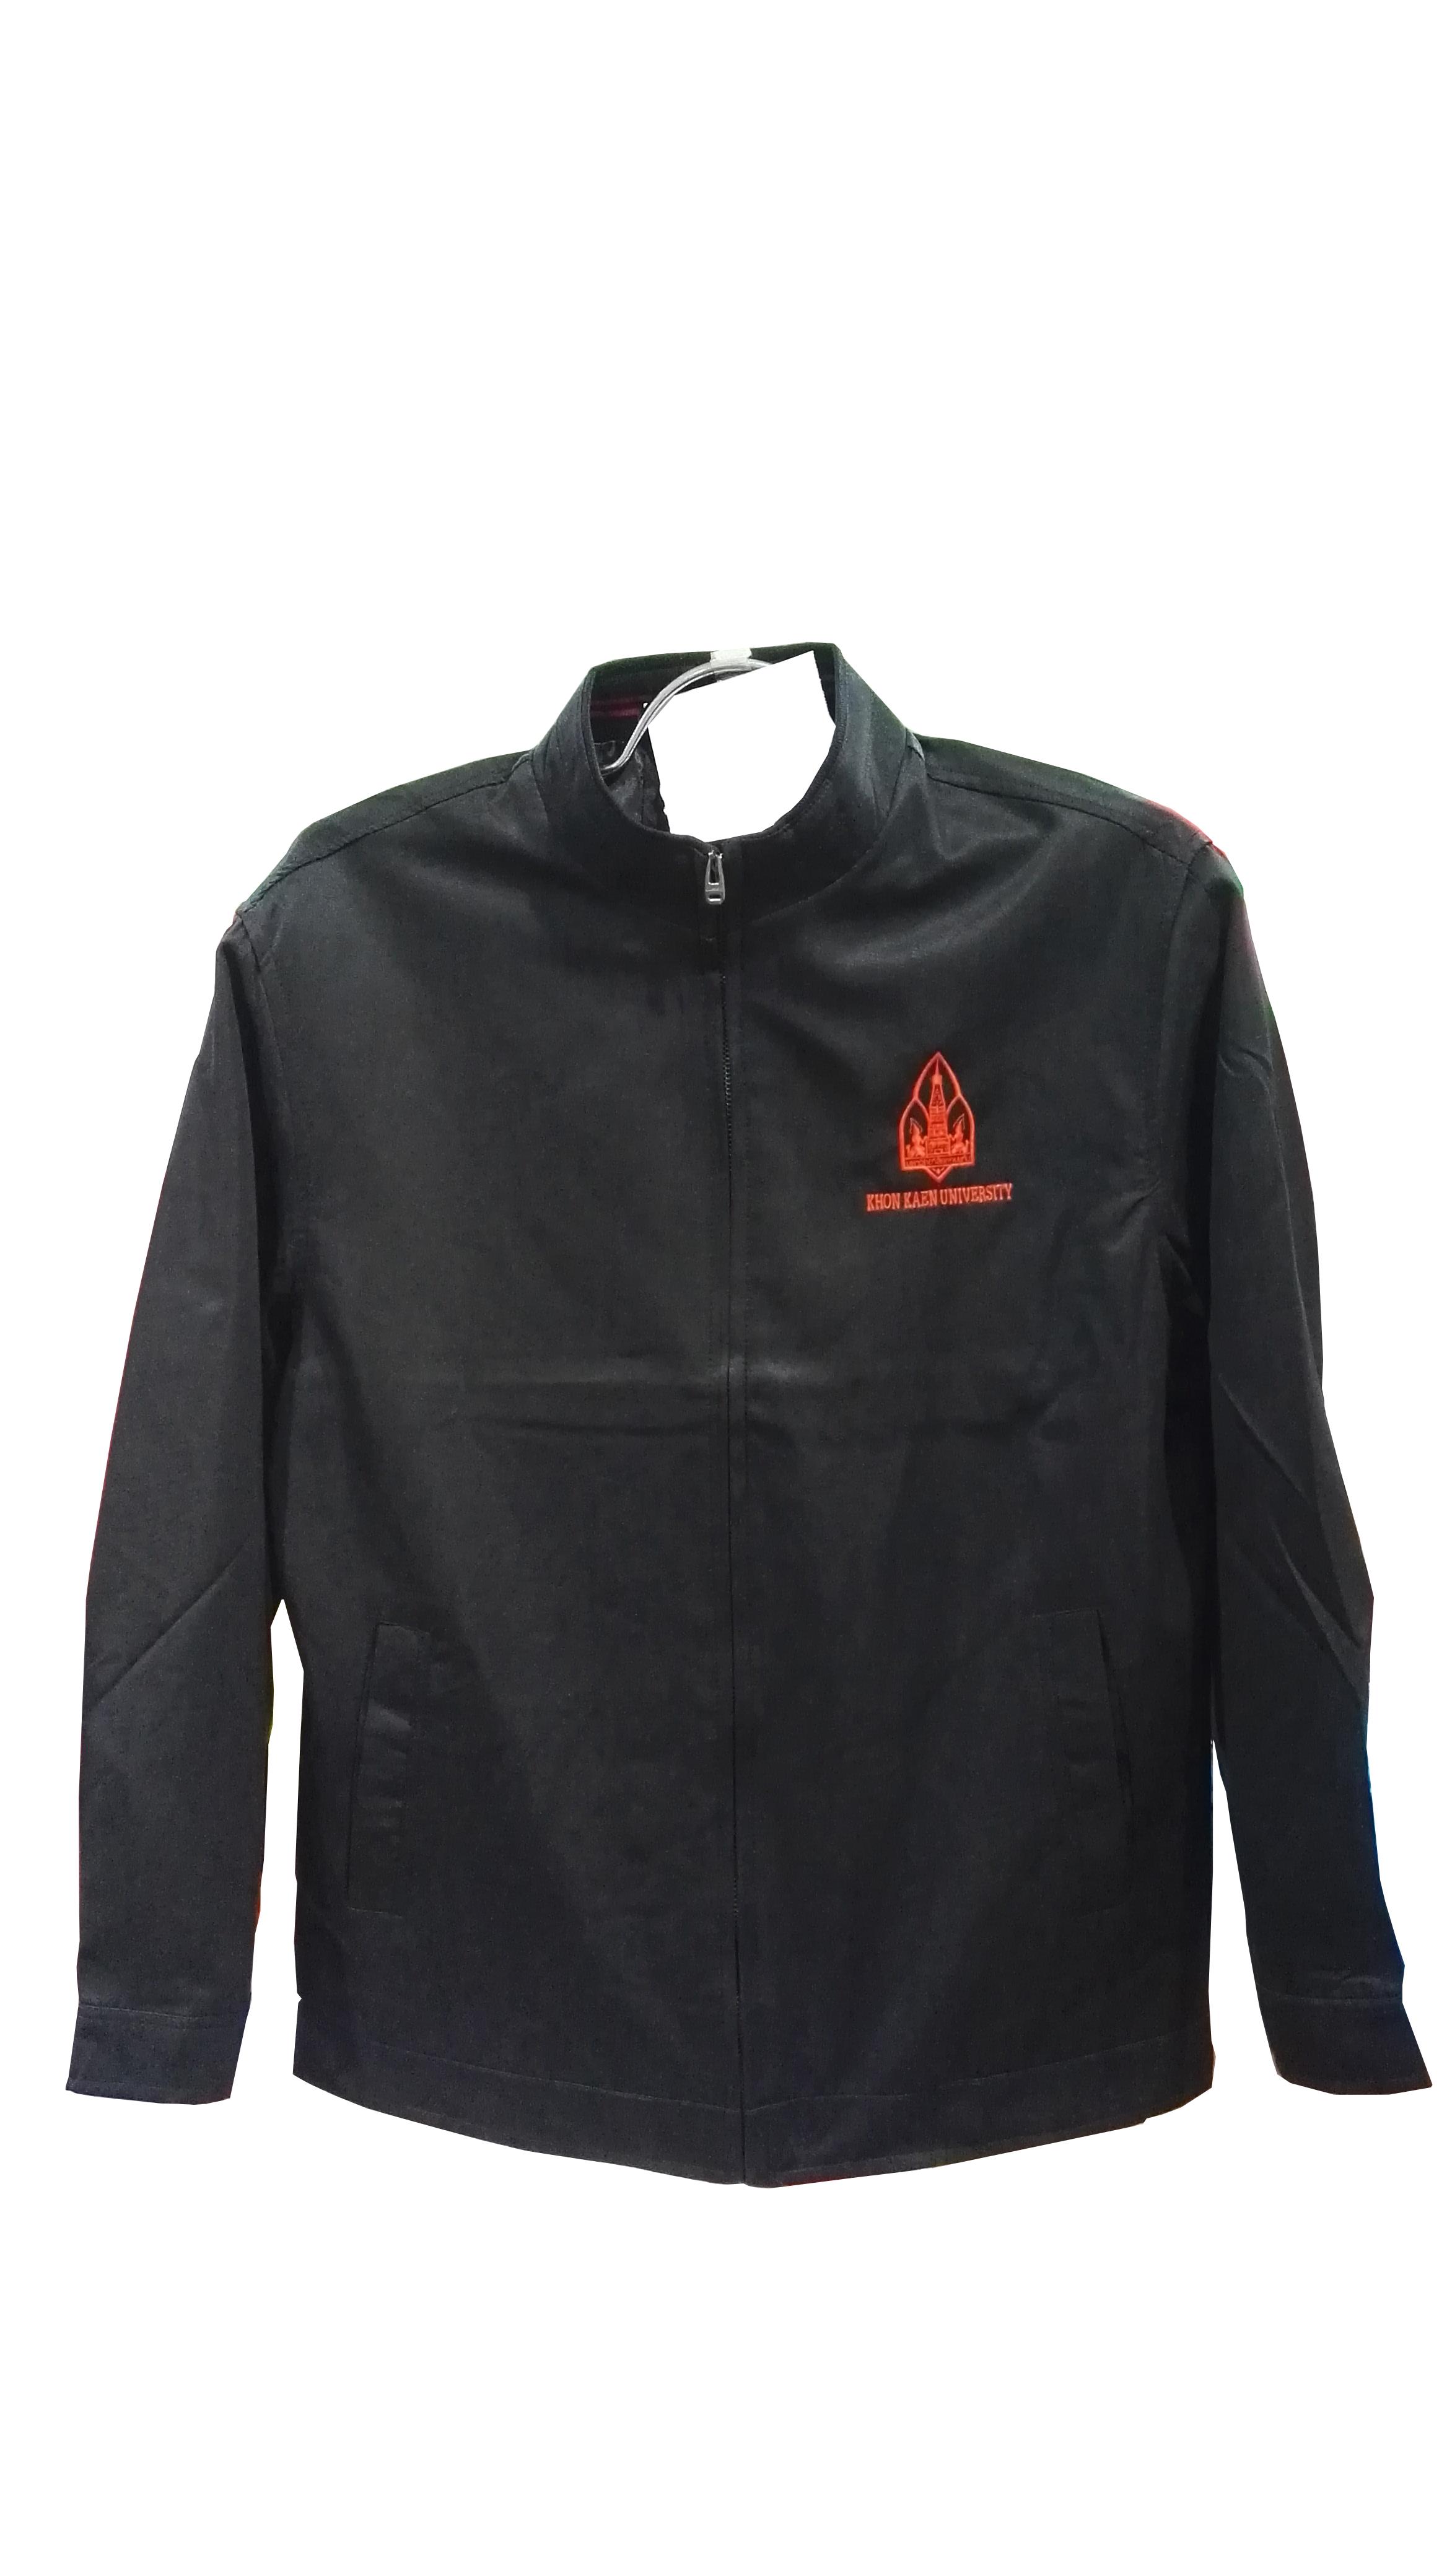 เสื้อแจ็คเก็ตคอจีนสีดำ Size L